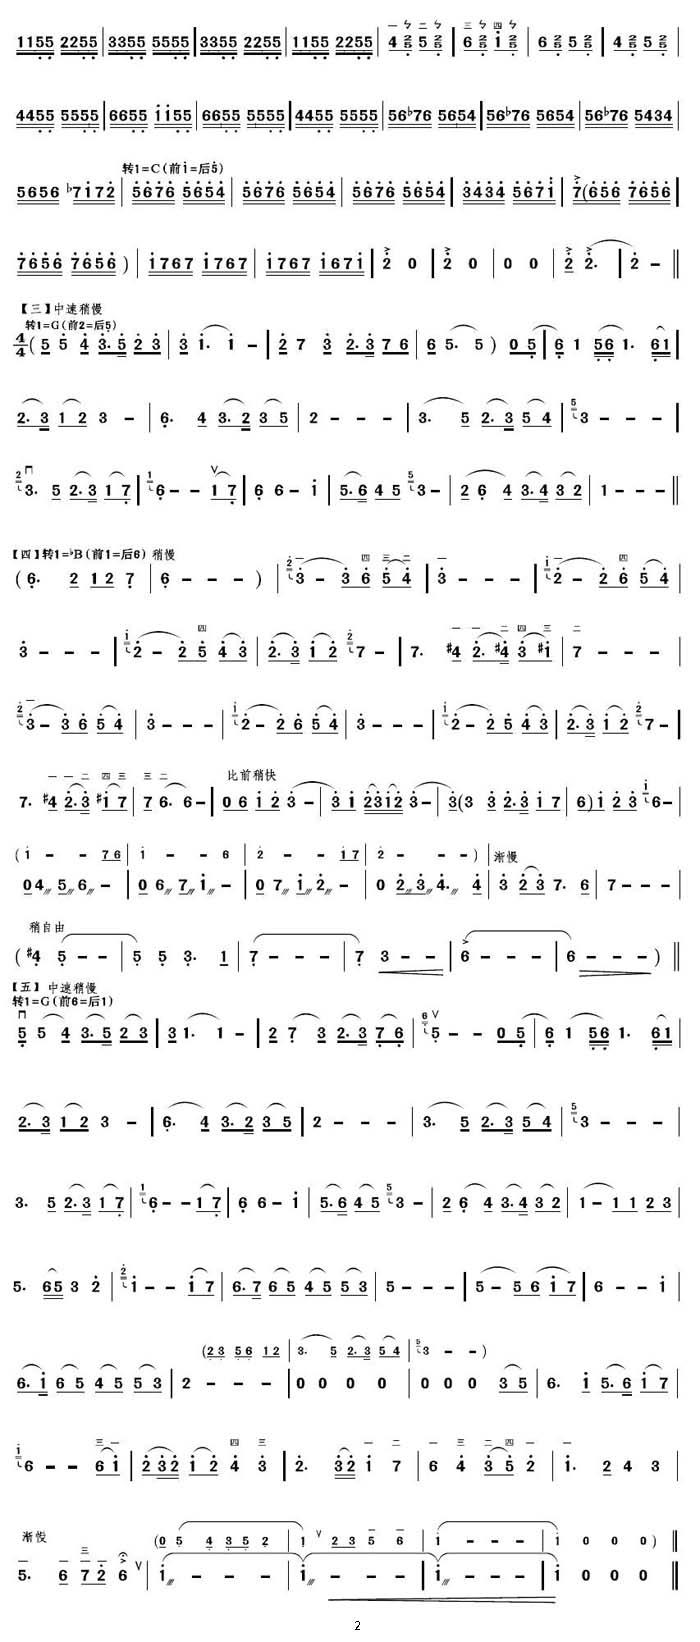 中国乐谱网——【胡琴谱】千古西施2